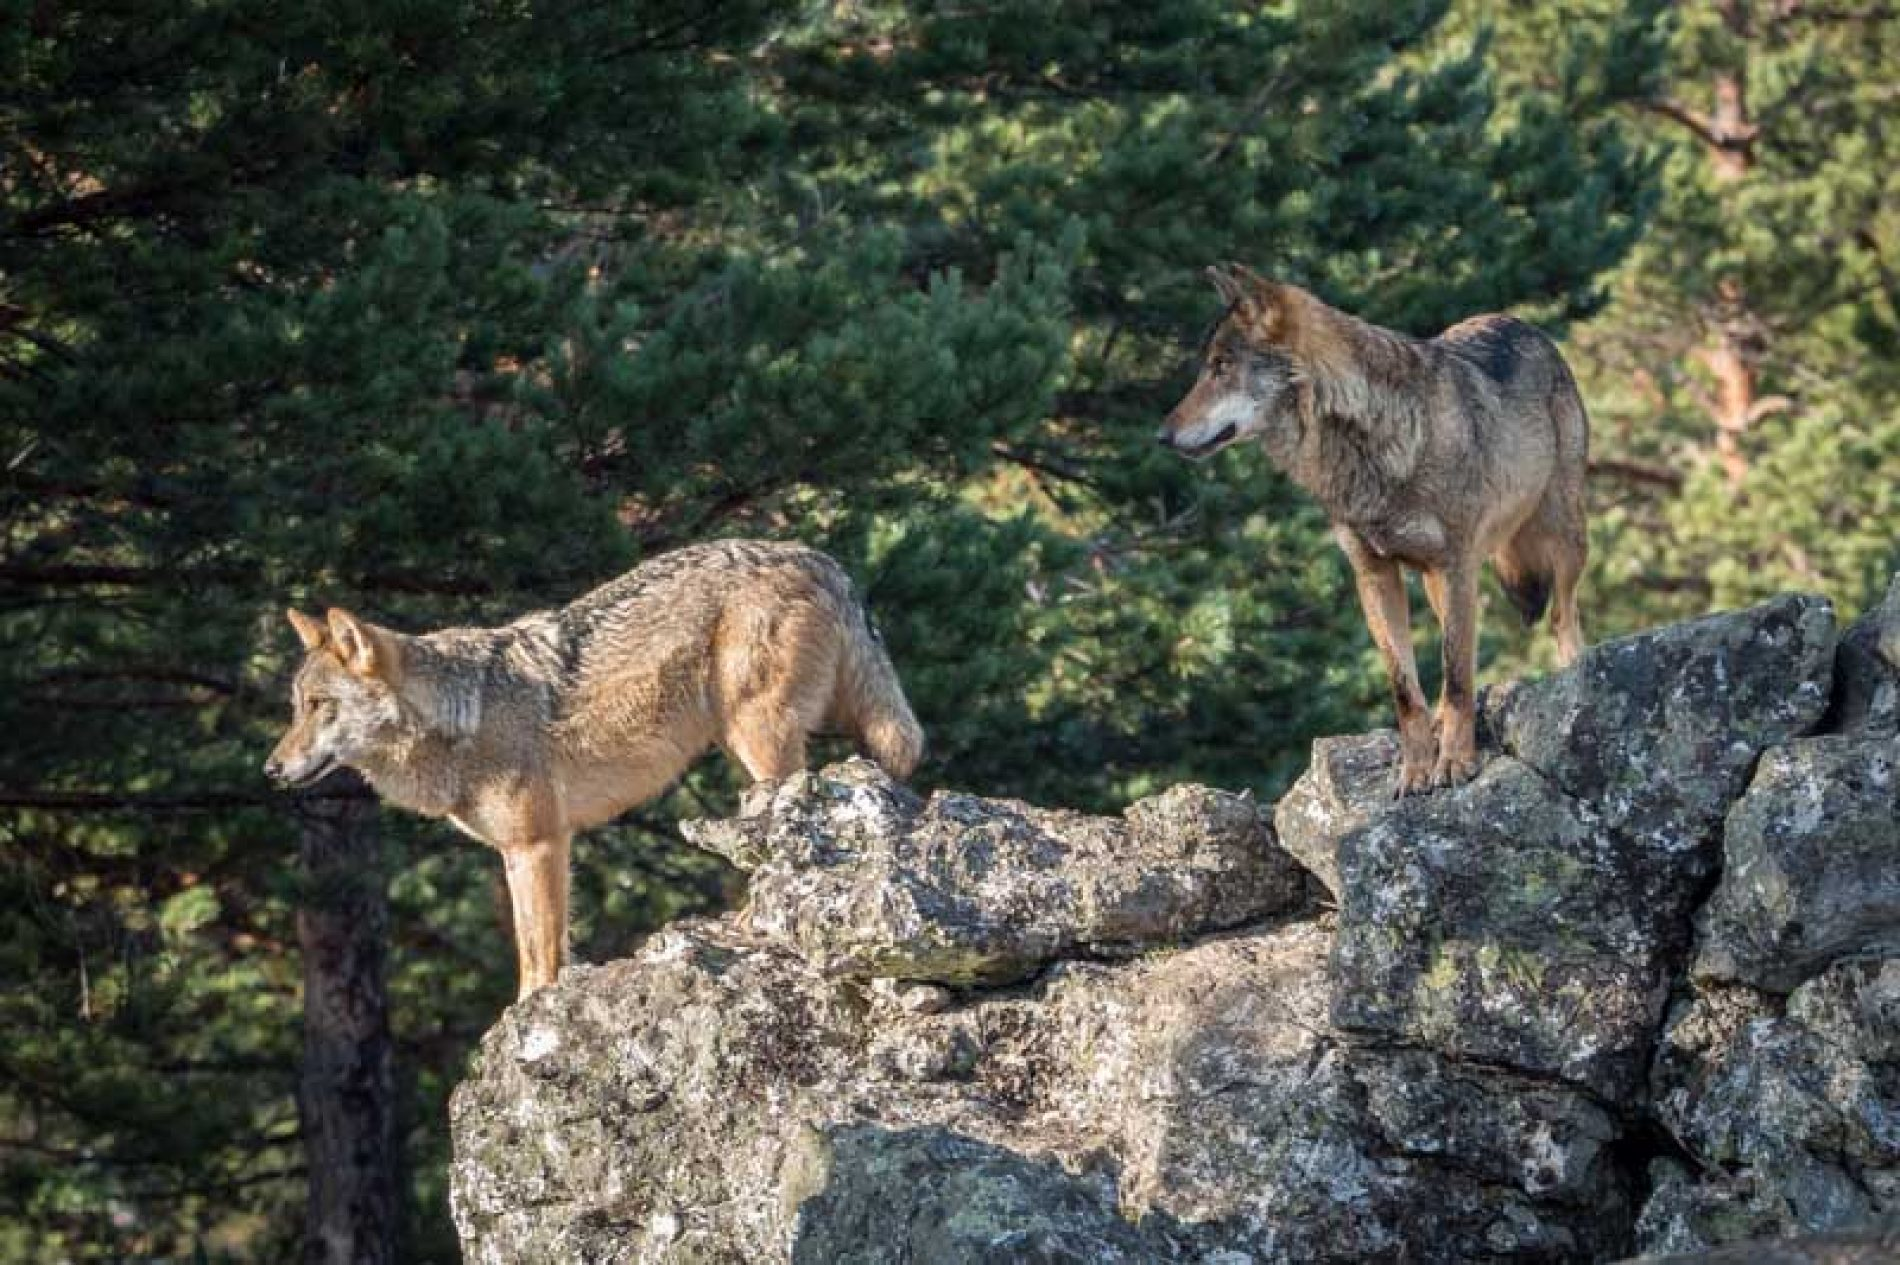 Amenazas y mentiras a las CCAA para que voten a favor de declarar vulnerables la tórtola y el lobo